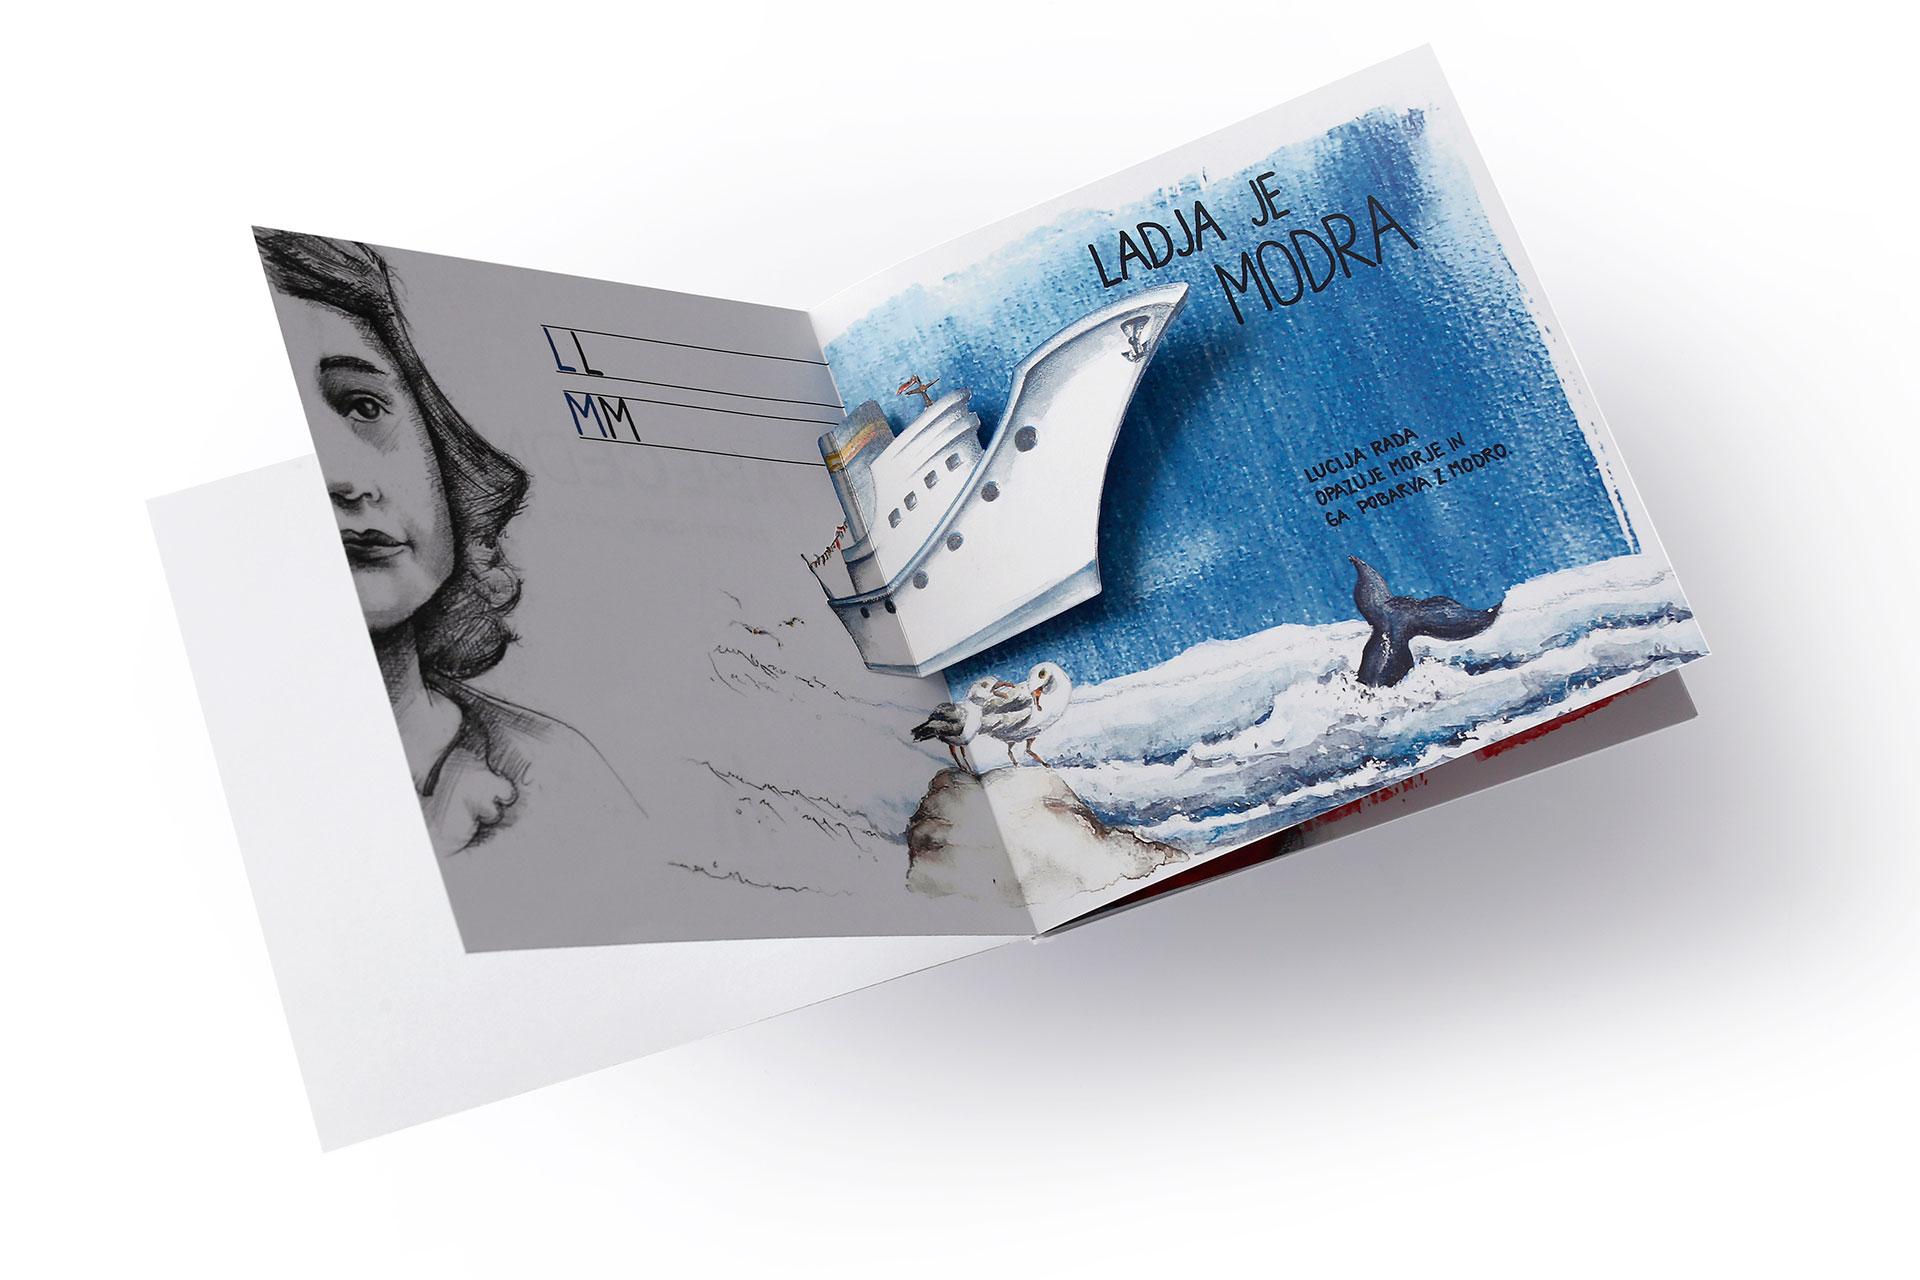 knjiga_abecednik_marko_marinsek_ma-ma_ilustracije_1